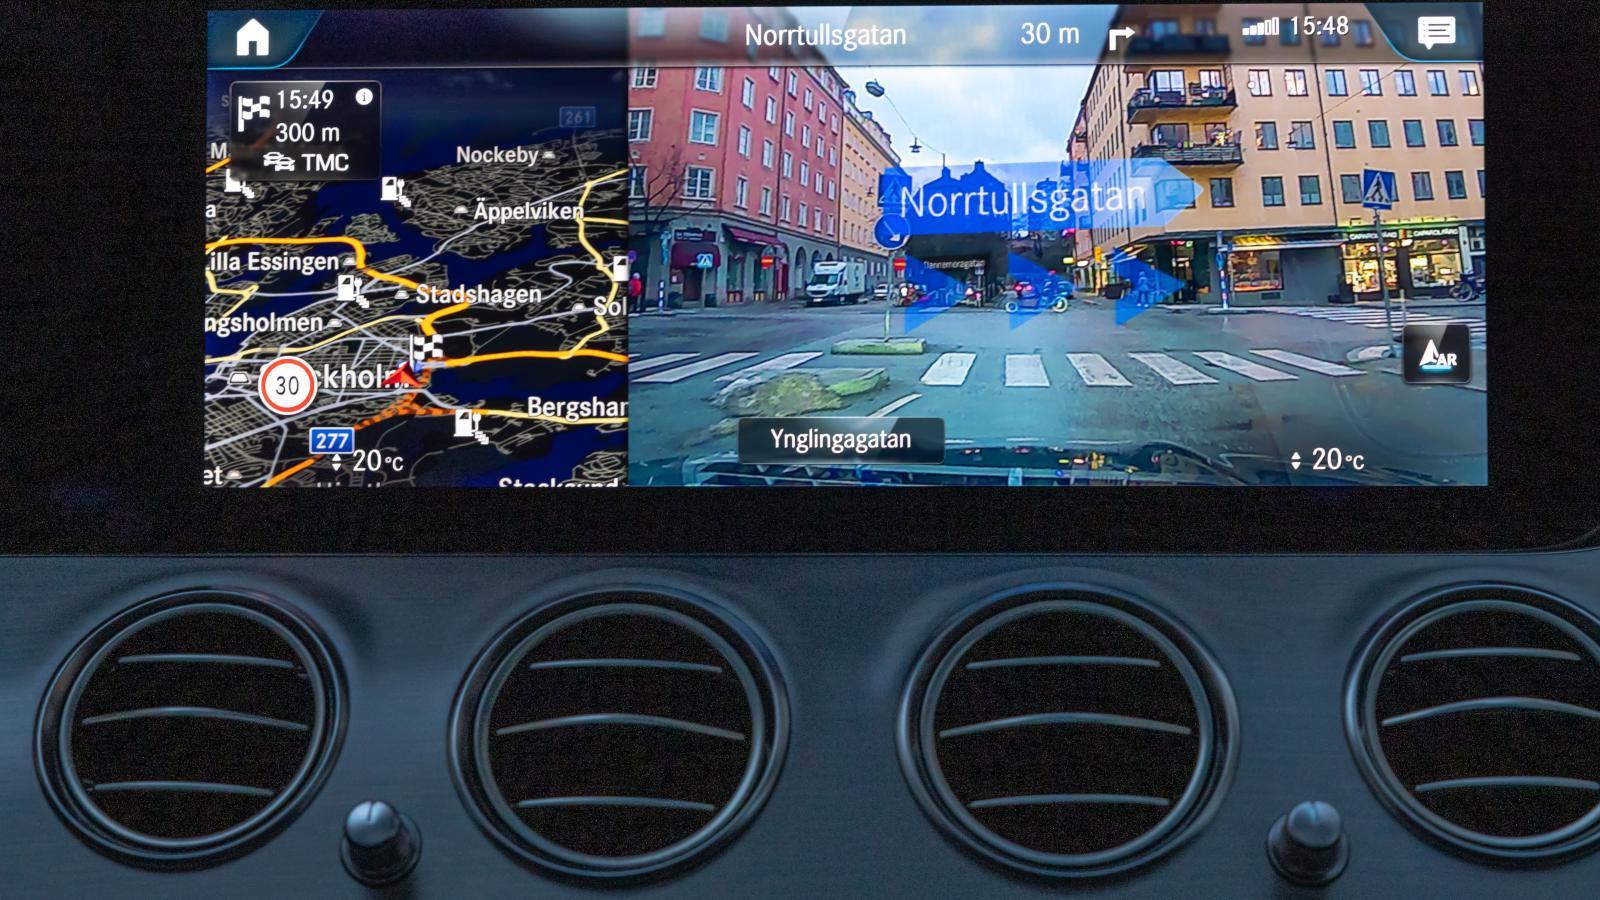 Mercedesnavigatorn kan visa en kamerabild med vägvisningsinstruktioner.